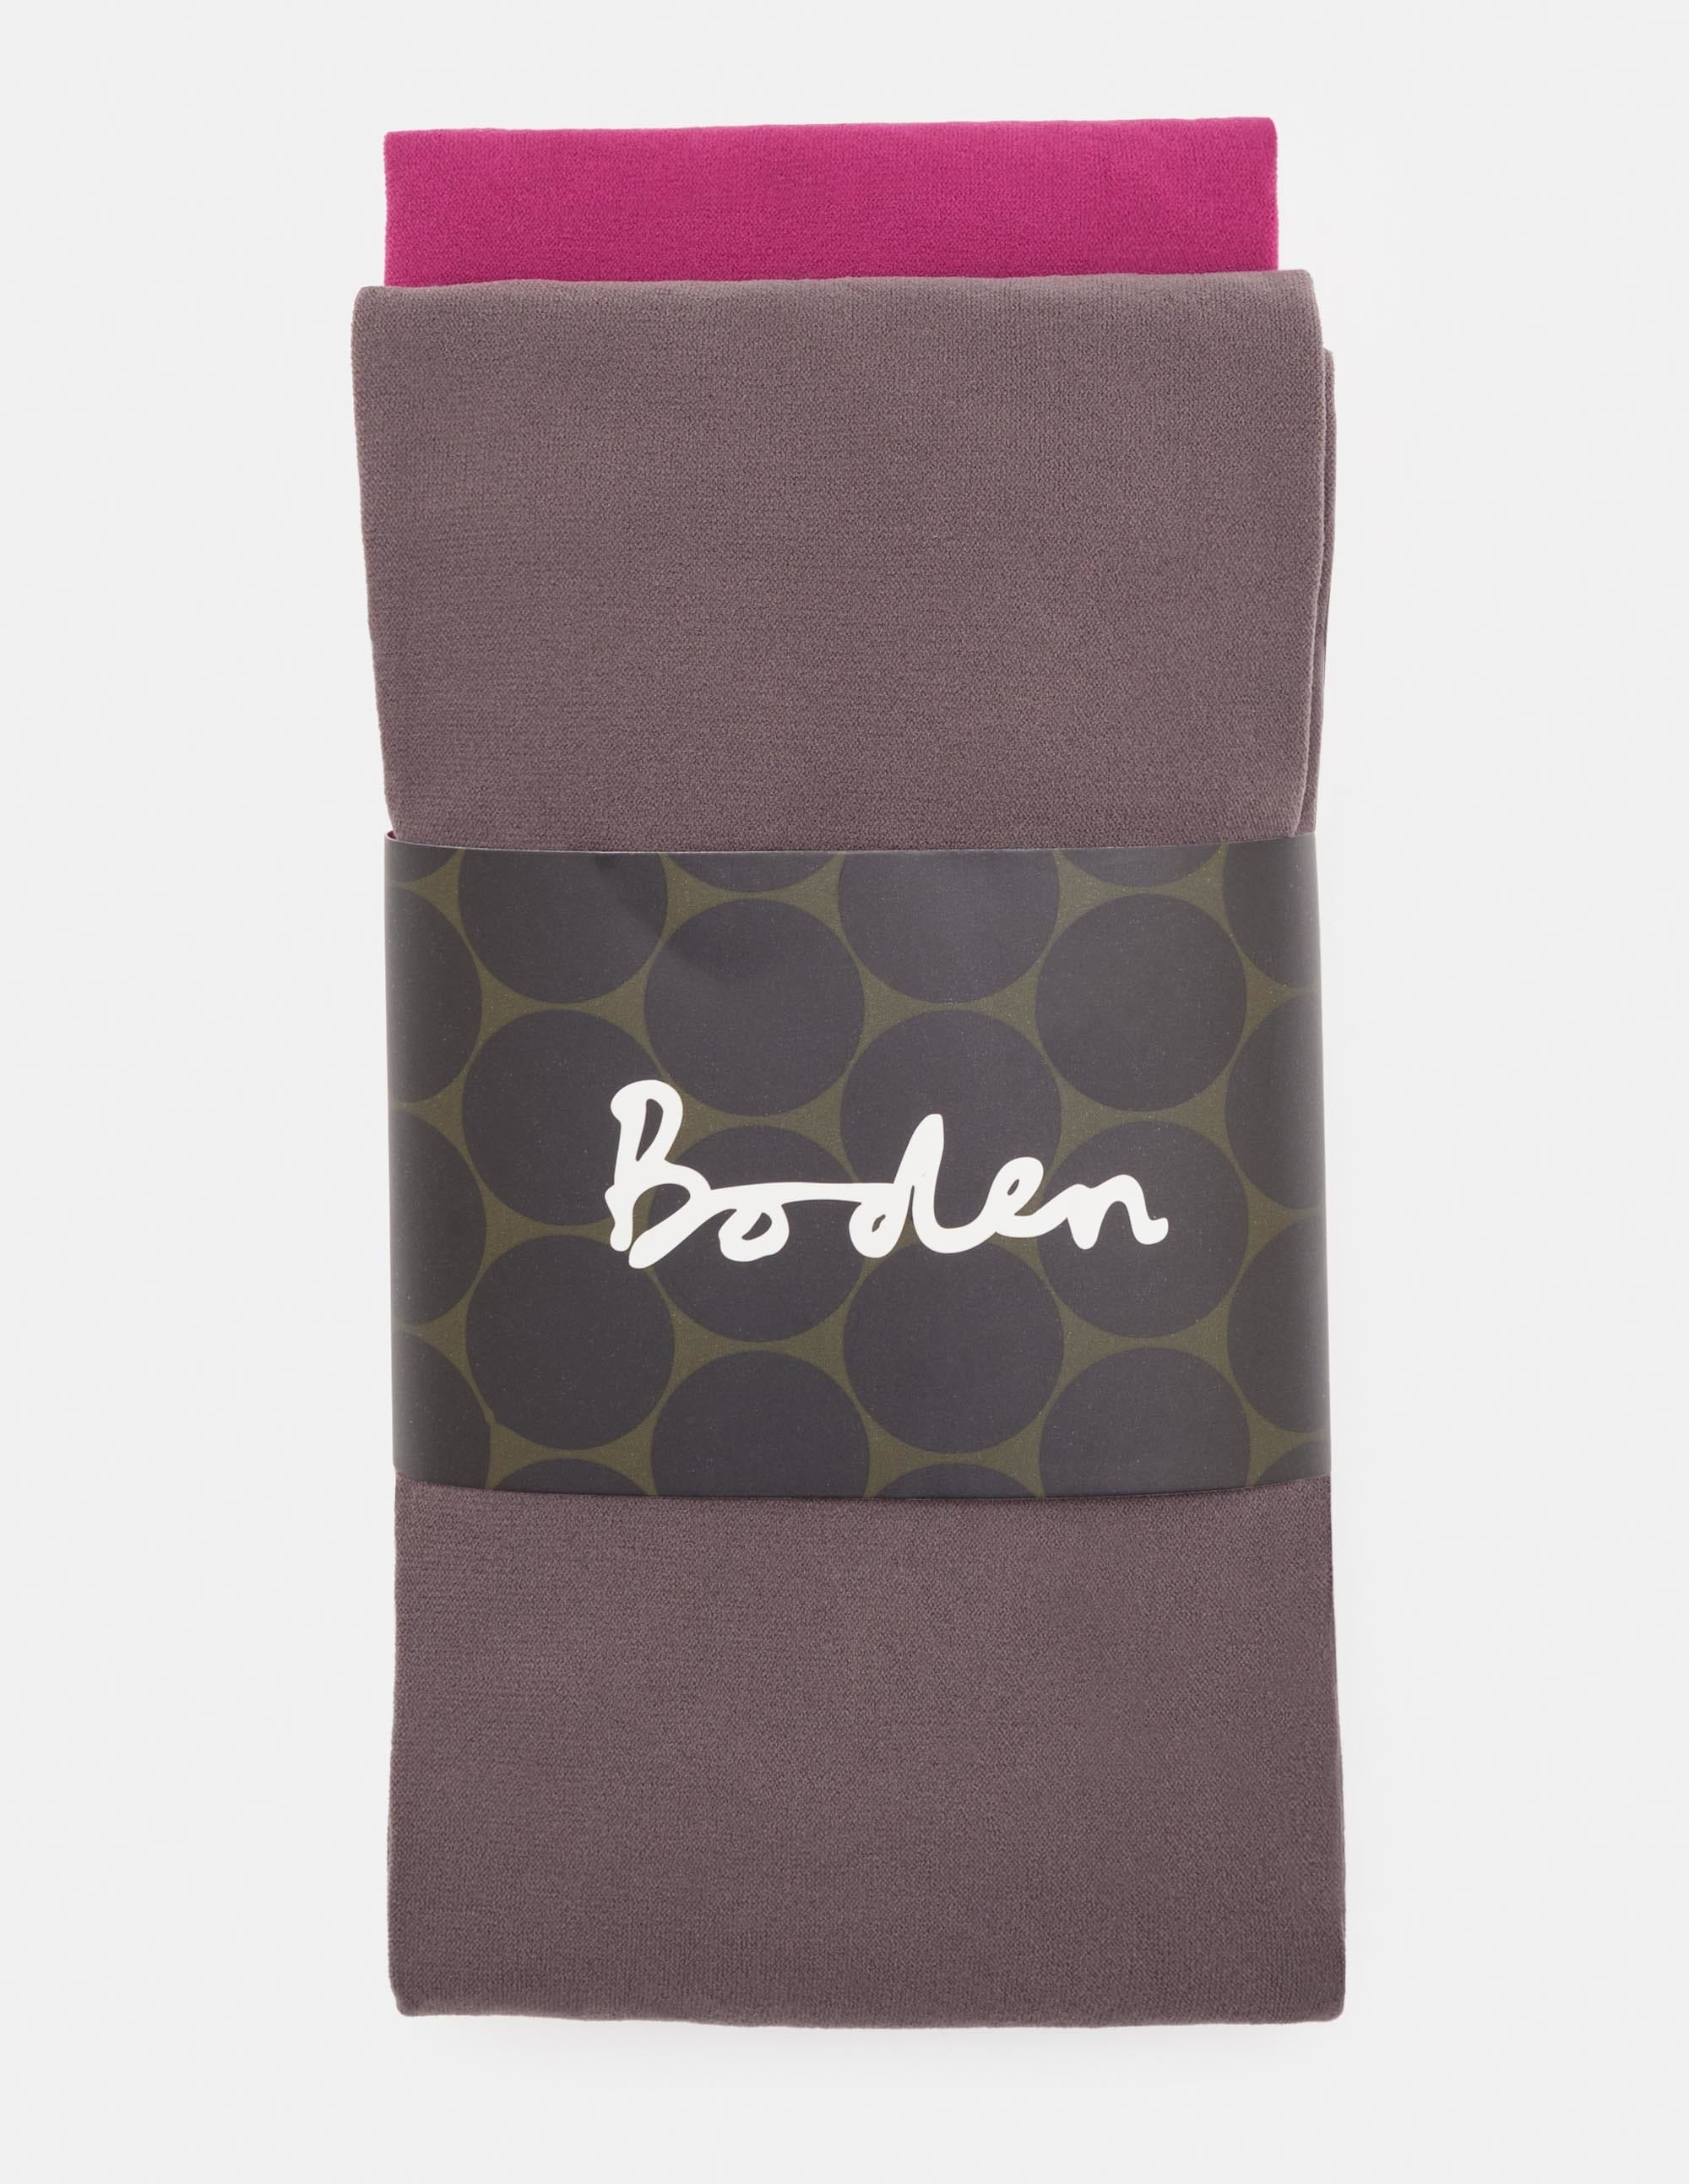 Image de 2 collants 90deniers Grey Femme Boden